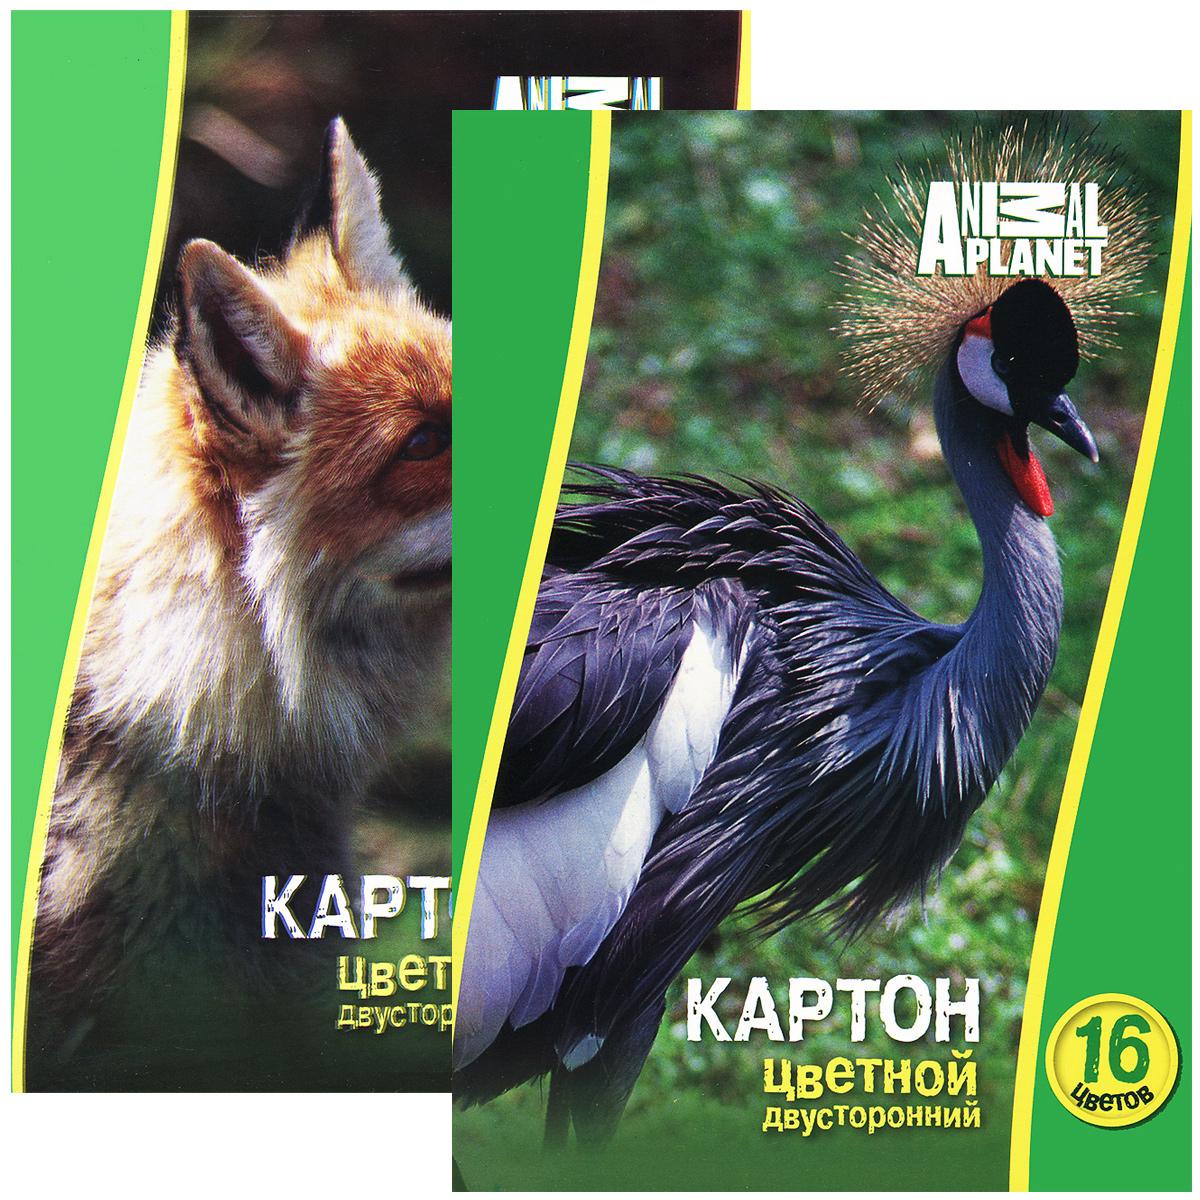 Набор цветного мелованного двустороннего картона ACTION! ANIMAL PLANET,ф.А4, 8 листов, 16 цветов, 2 шт в упаковке, 2 дизайна, (ACTION!)